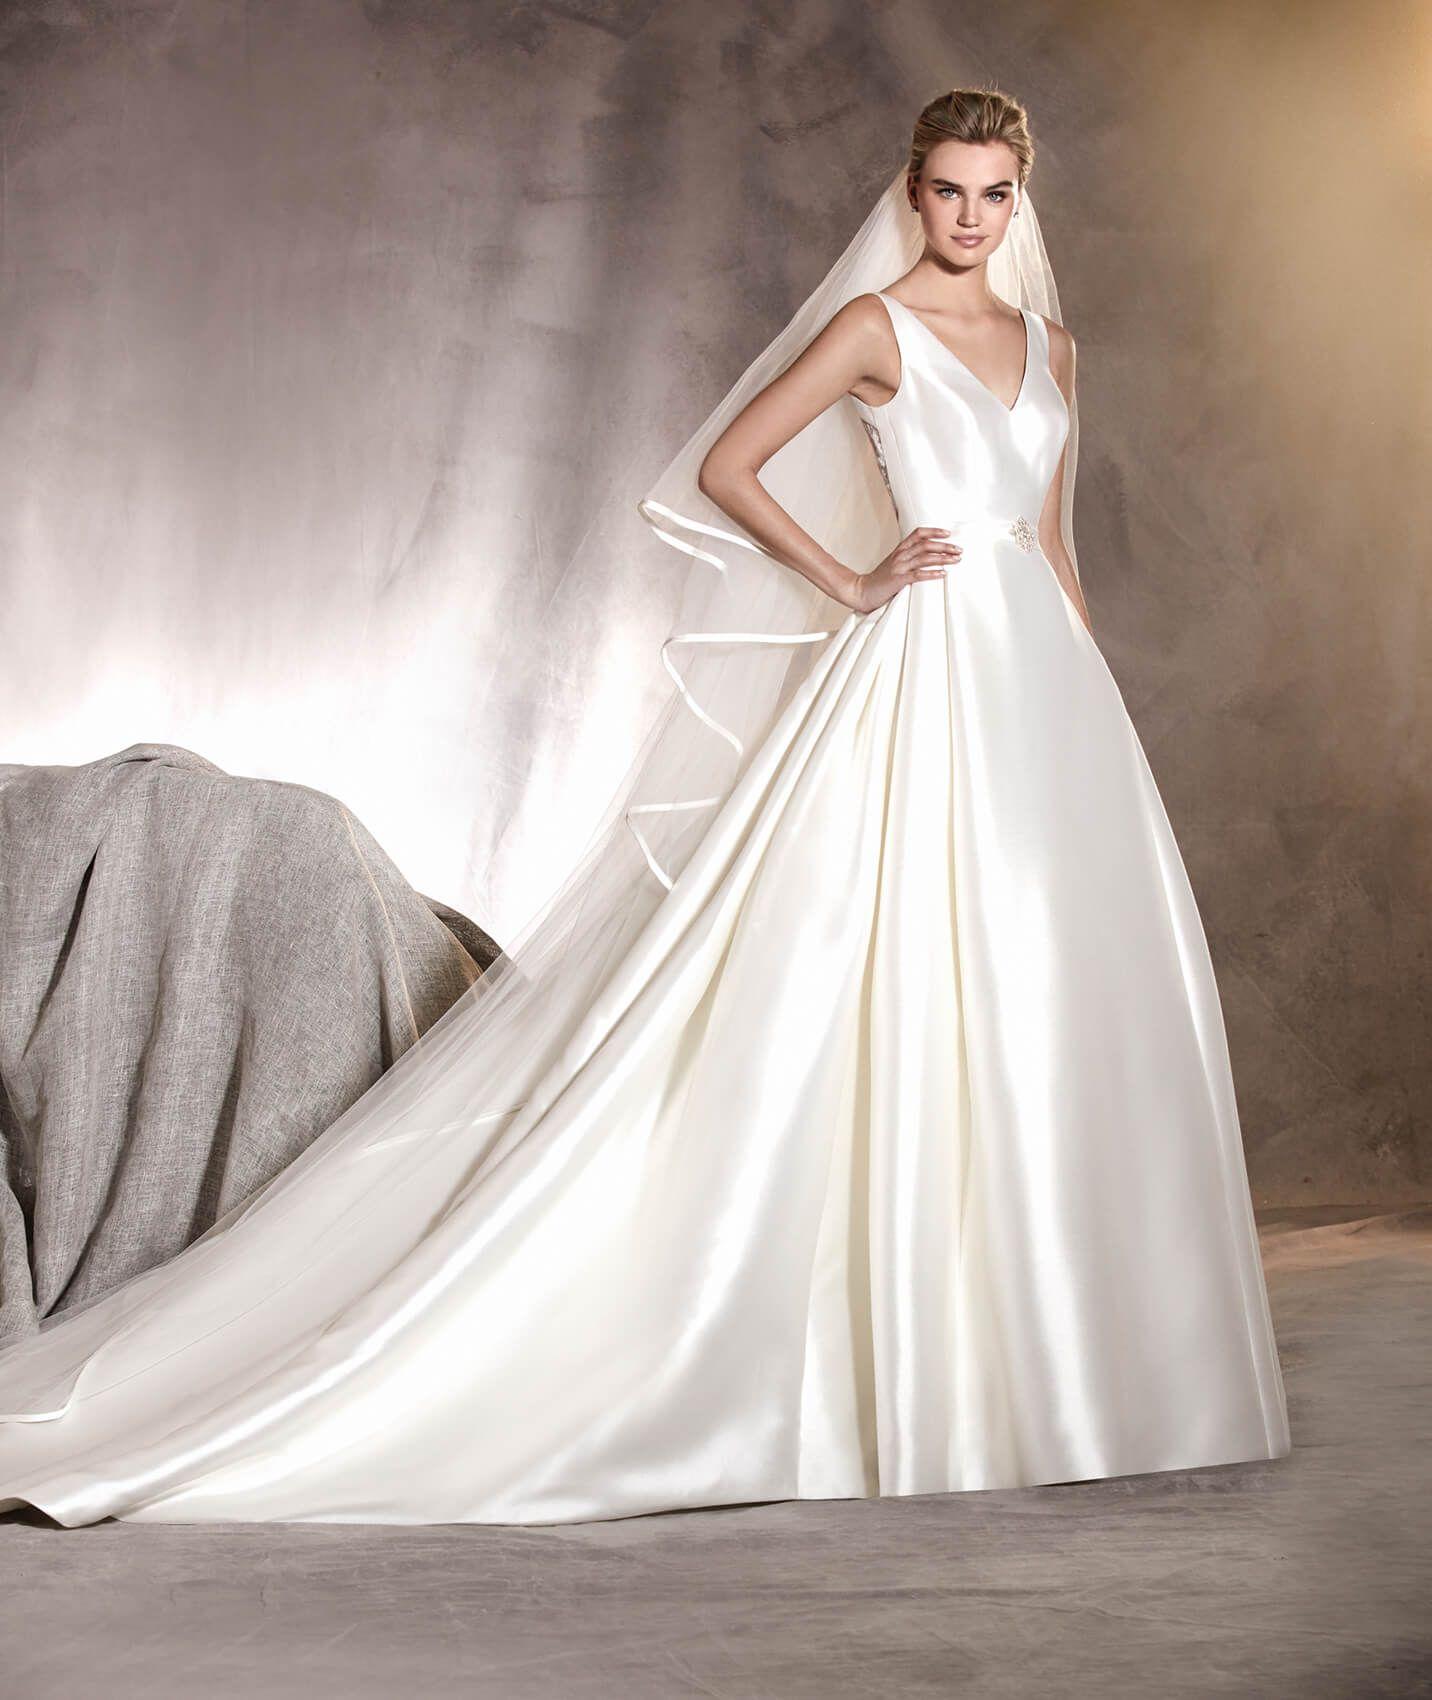 Preloved pronovias wedding dresses  ALCOBA  Vestido de novia en mikado escote barco encaje y pedrería